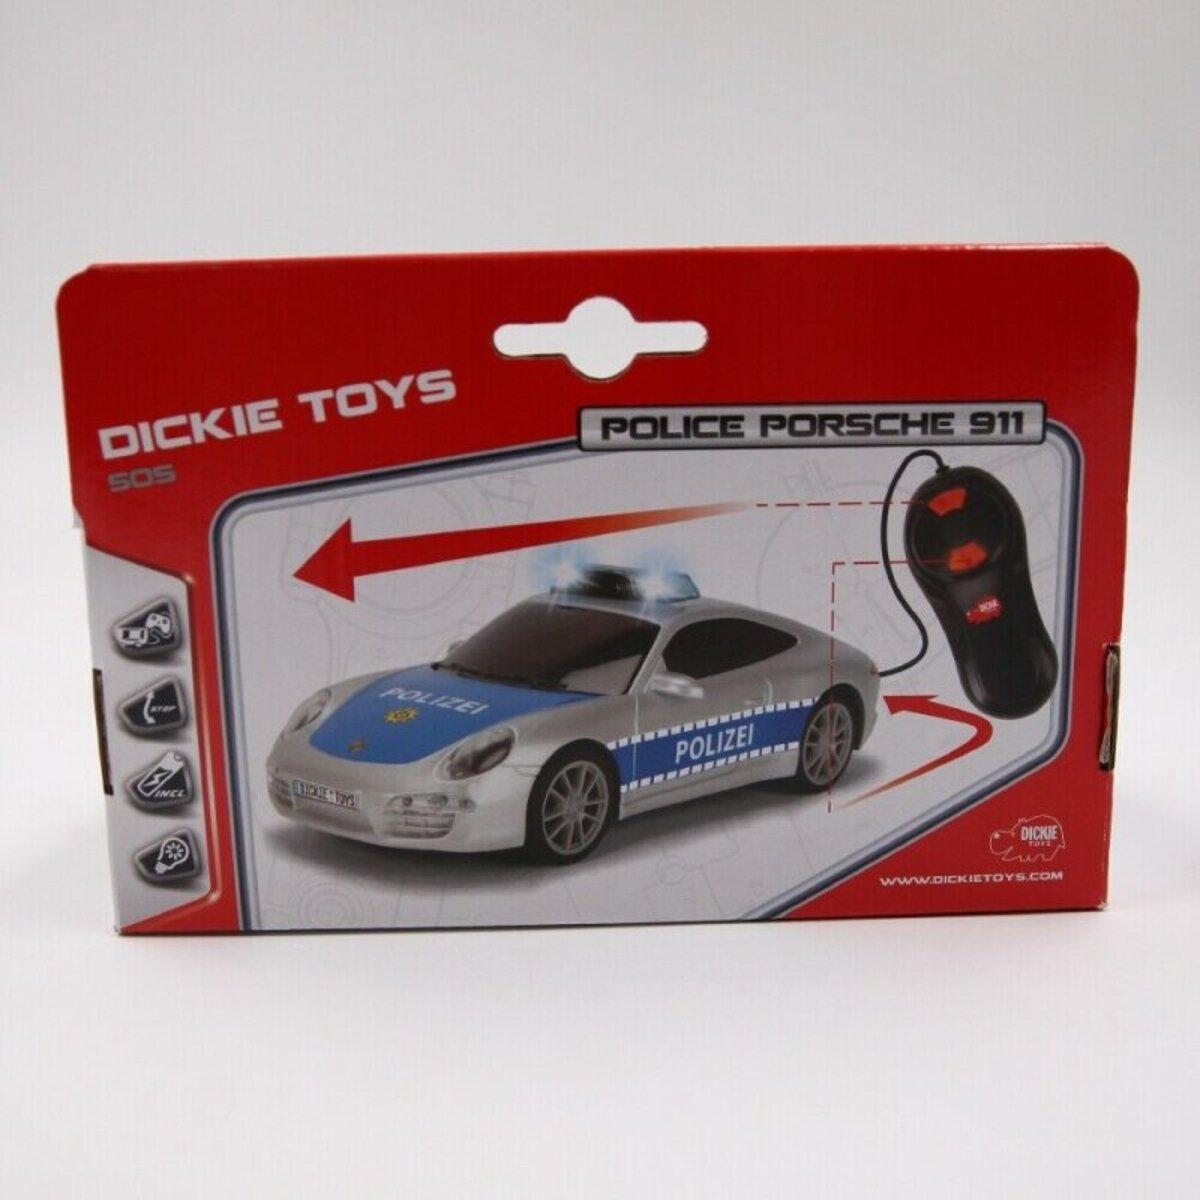 Bild 4 von Dickie Toys ferngesteuertes Spielzeugauto Polizeiauto Porsche 911 mit Licht